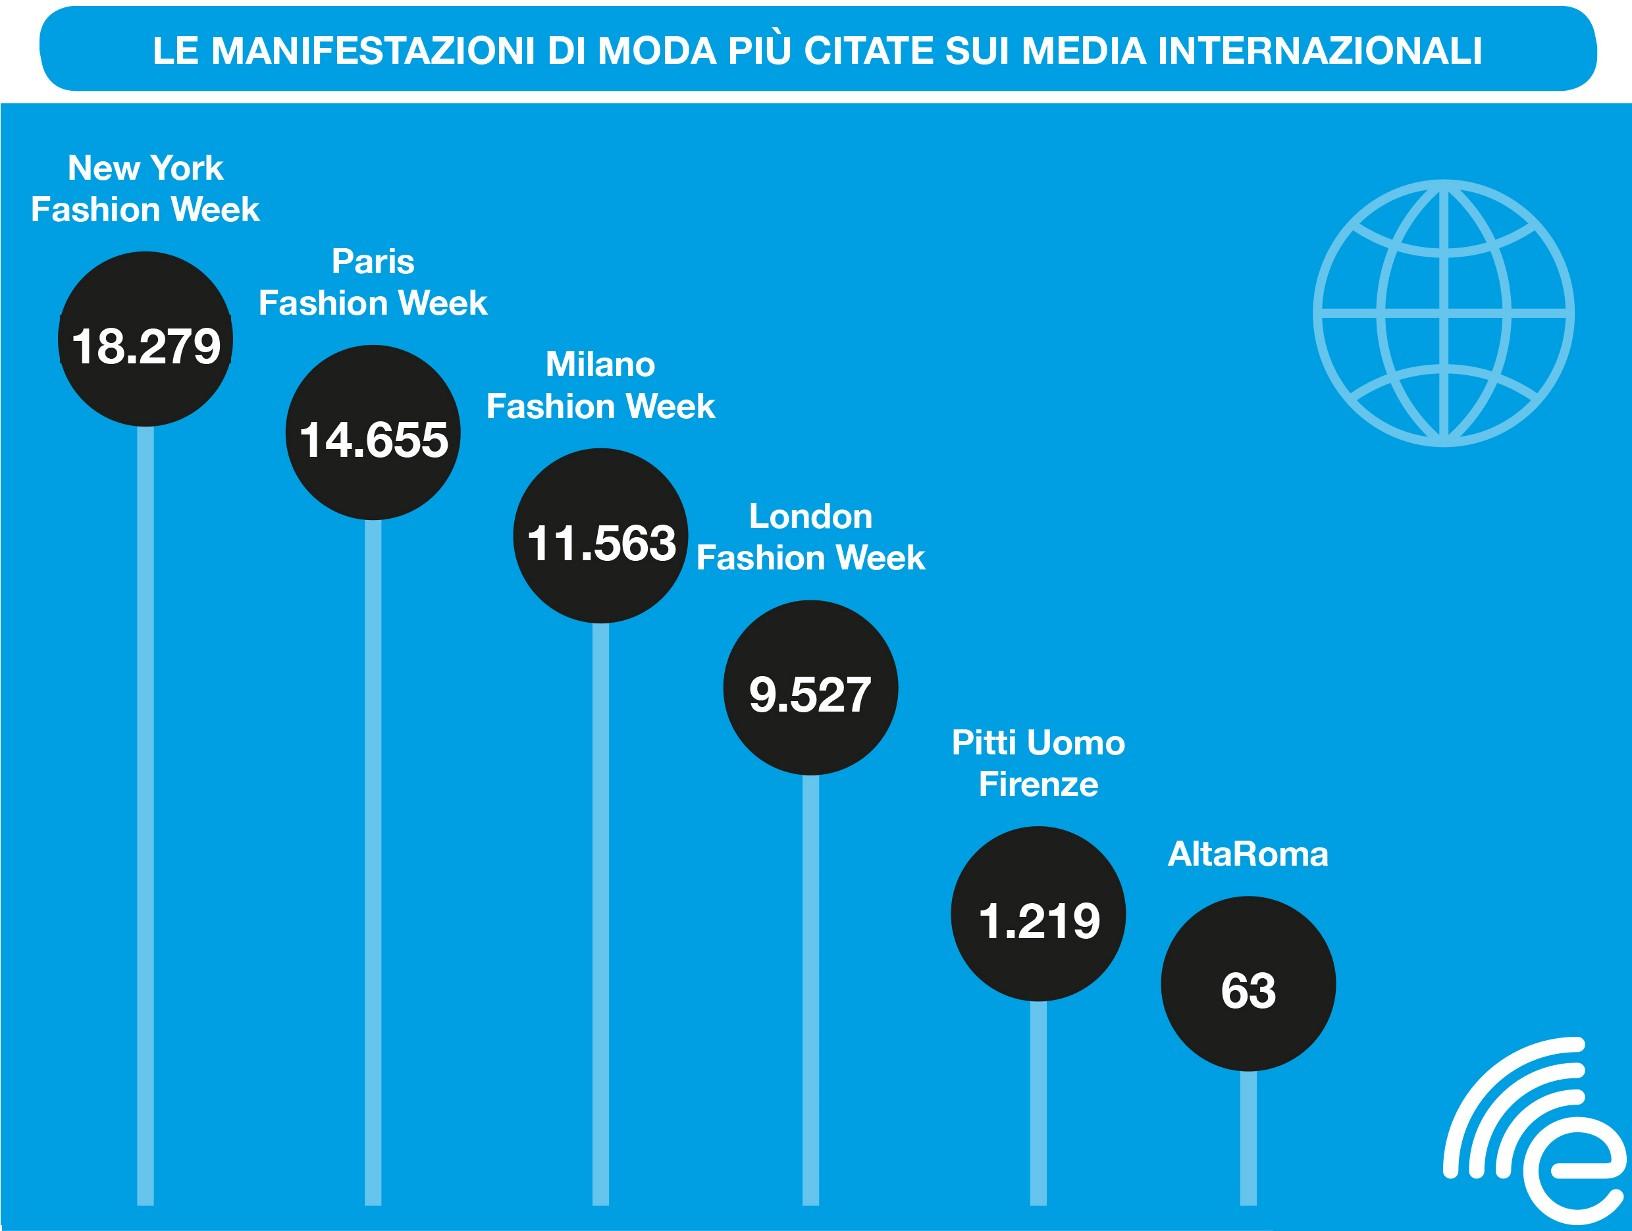 moda sui media internazionali